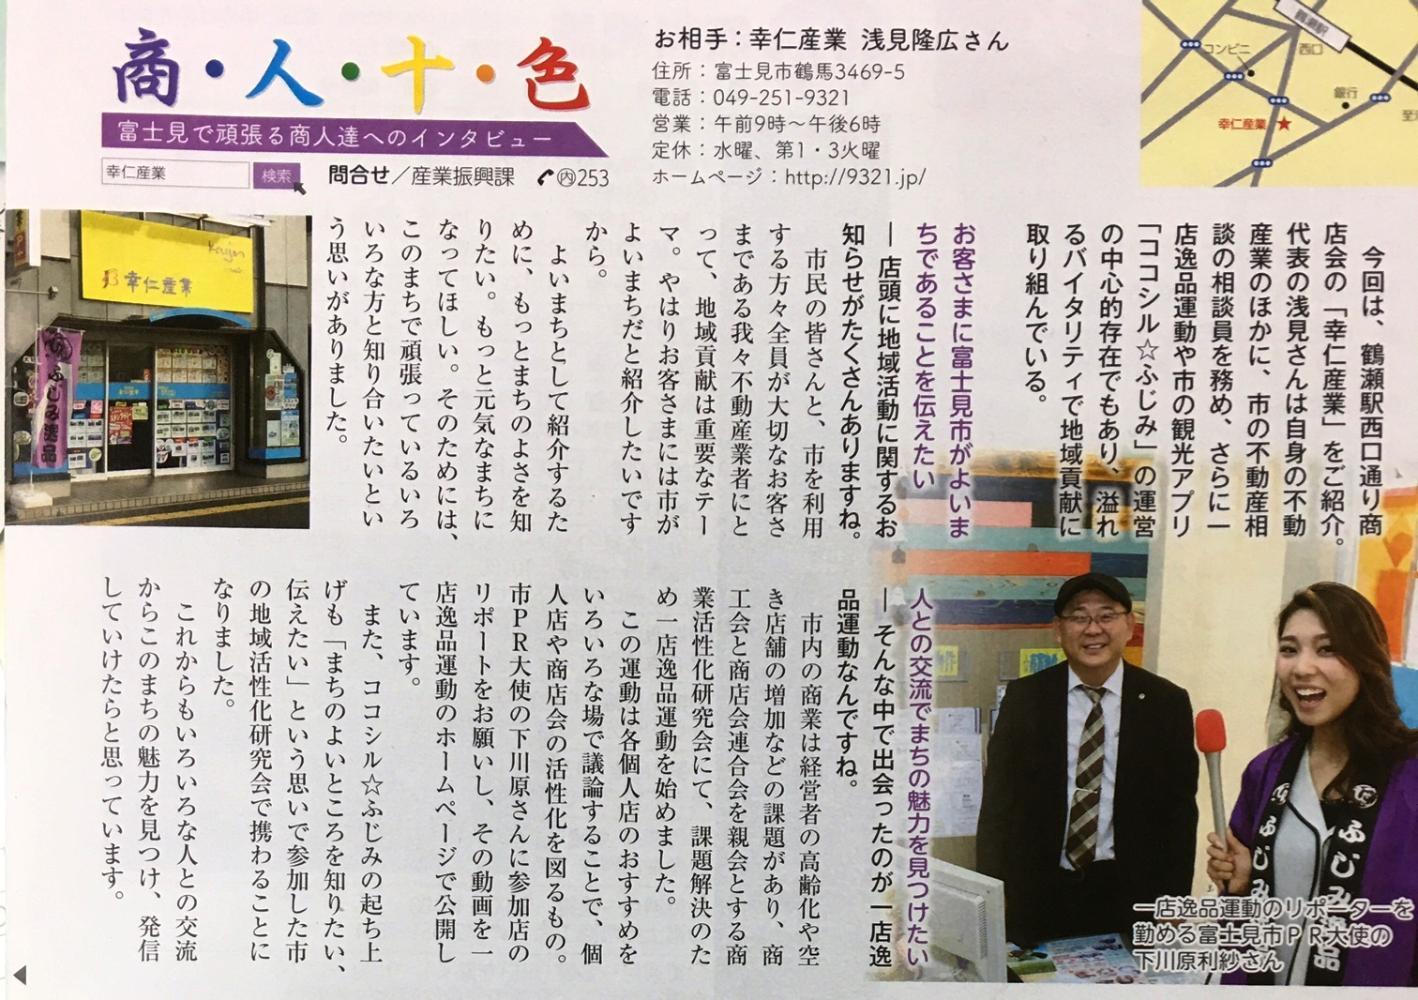 広報ふじみ2016年12月号_7_.jpg